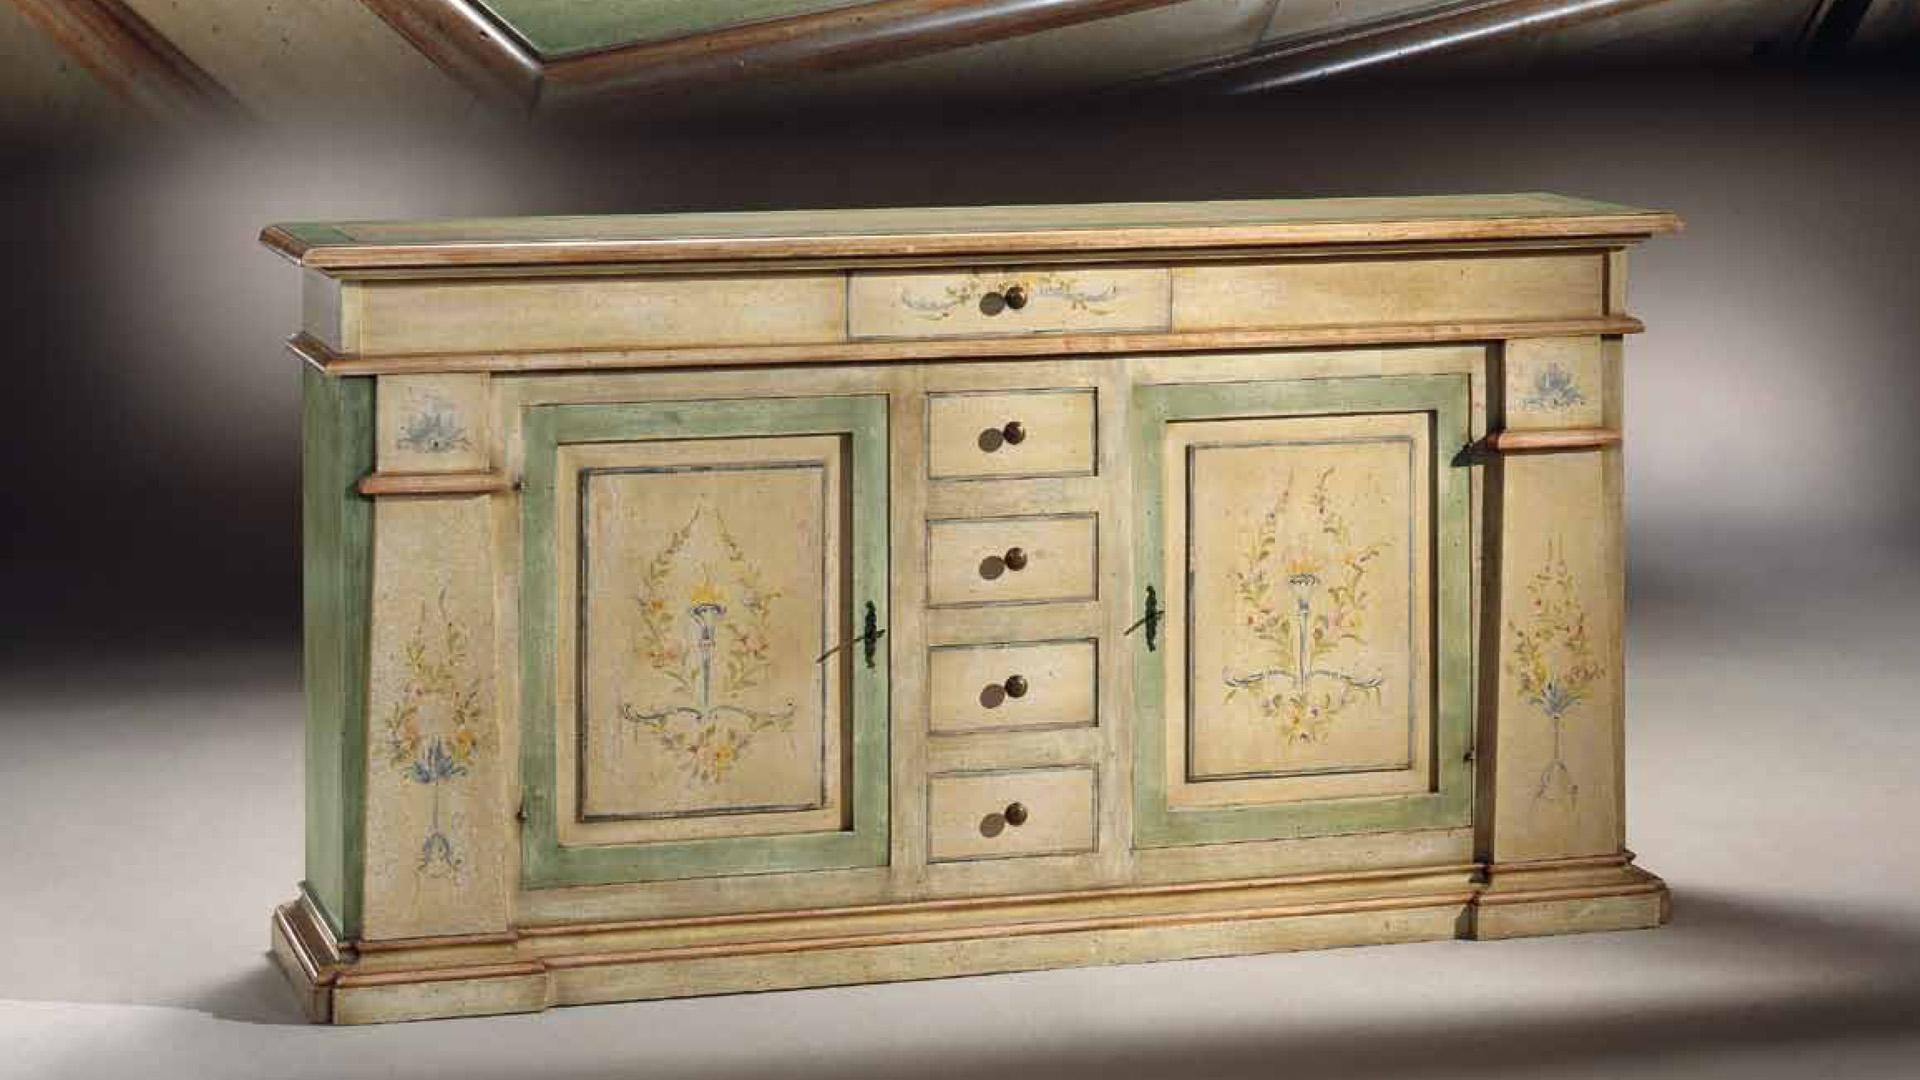 Soggiorni in stile classico torino sumisura fabbrica for Fabbrica mobili